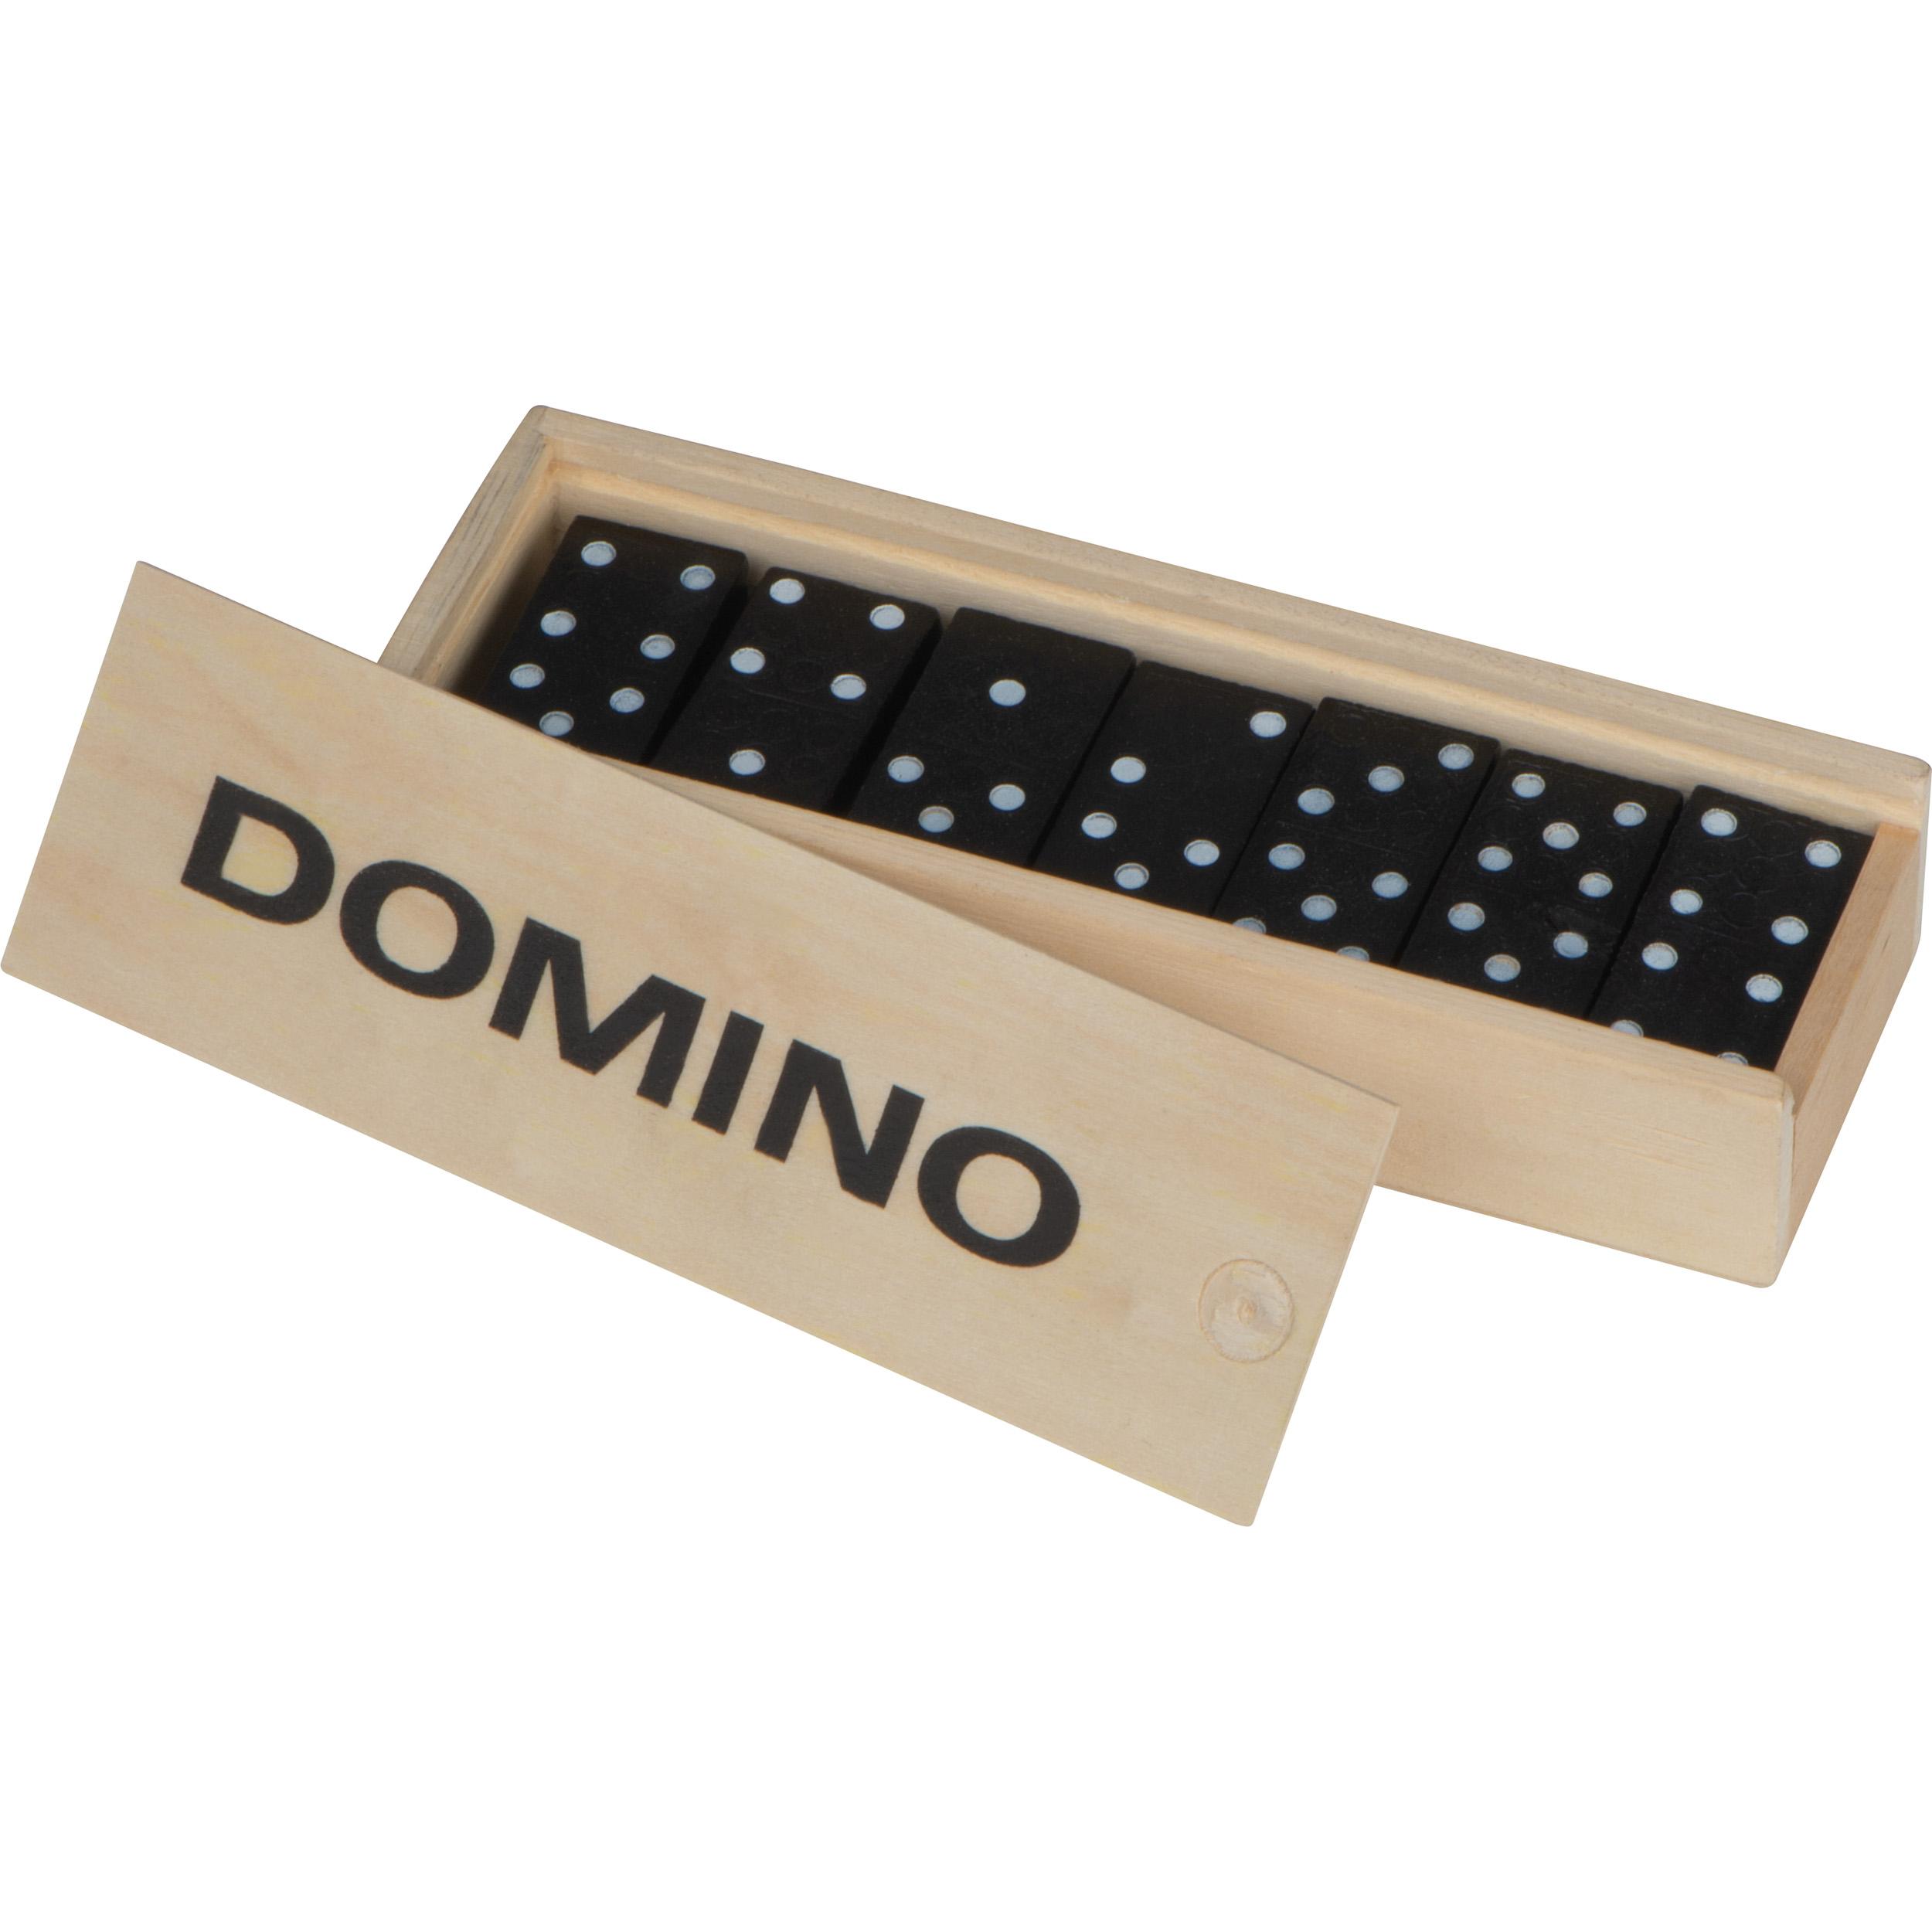 Domino Spiel aus Holz